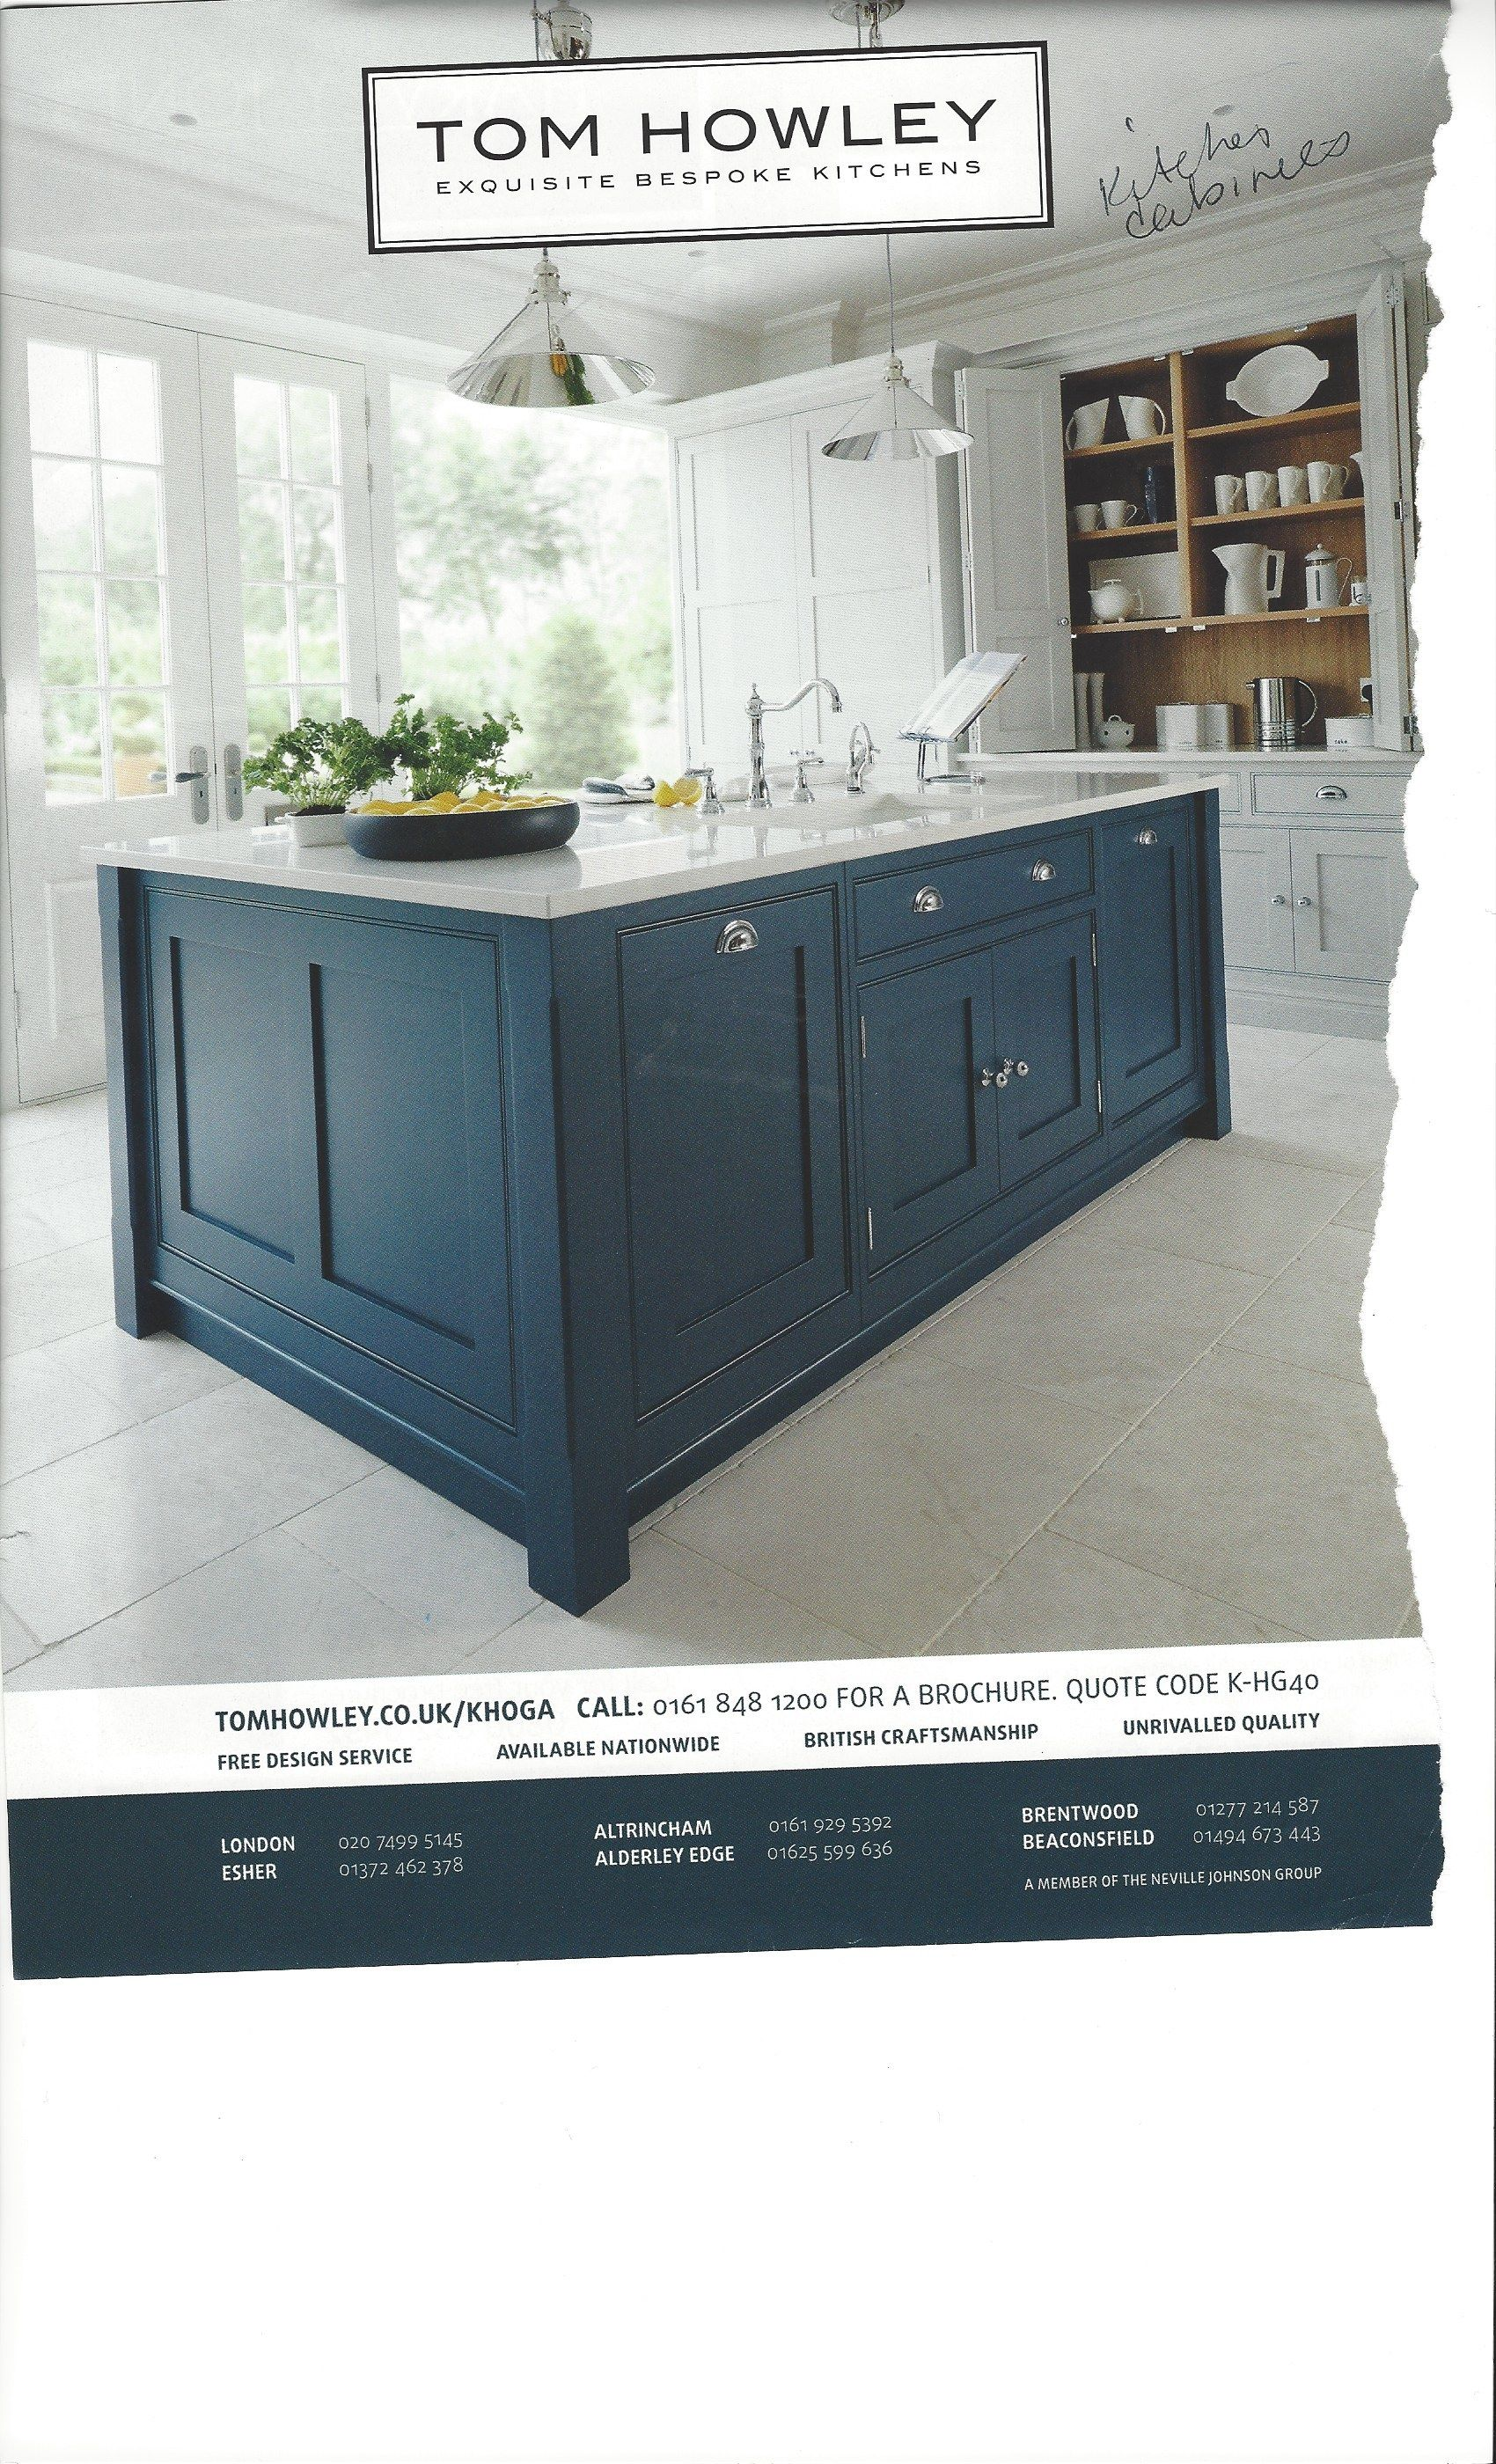 Tom Howley Kitchen Cabinets Kitchen Inspirations Bespoke Kitchens Tom Howley Kitchens